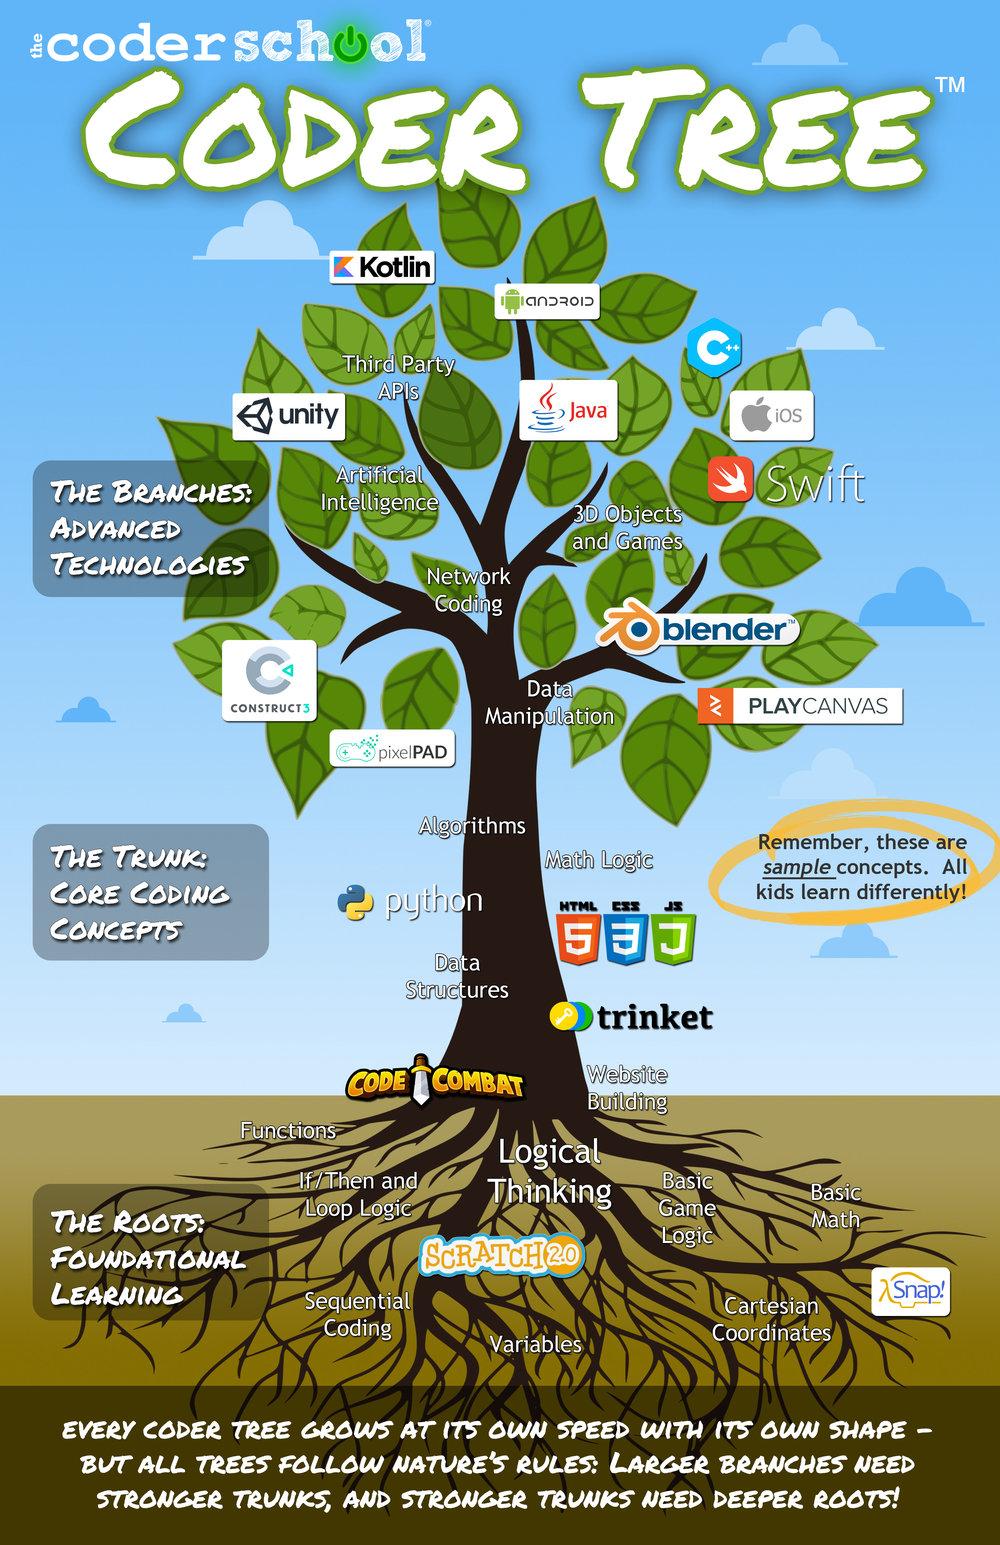 theCoderSchool's Coder Tree®